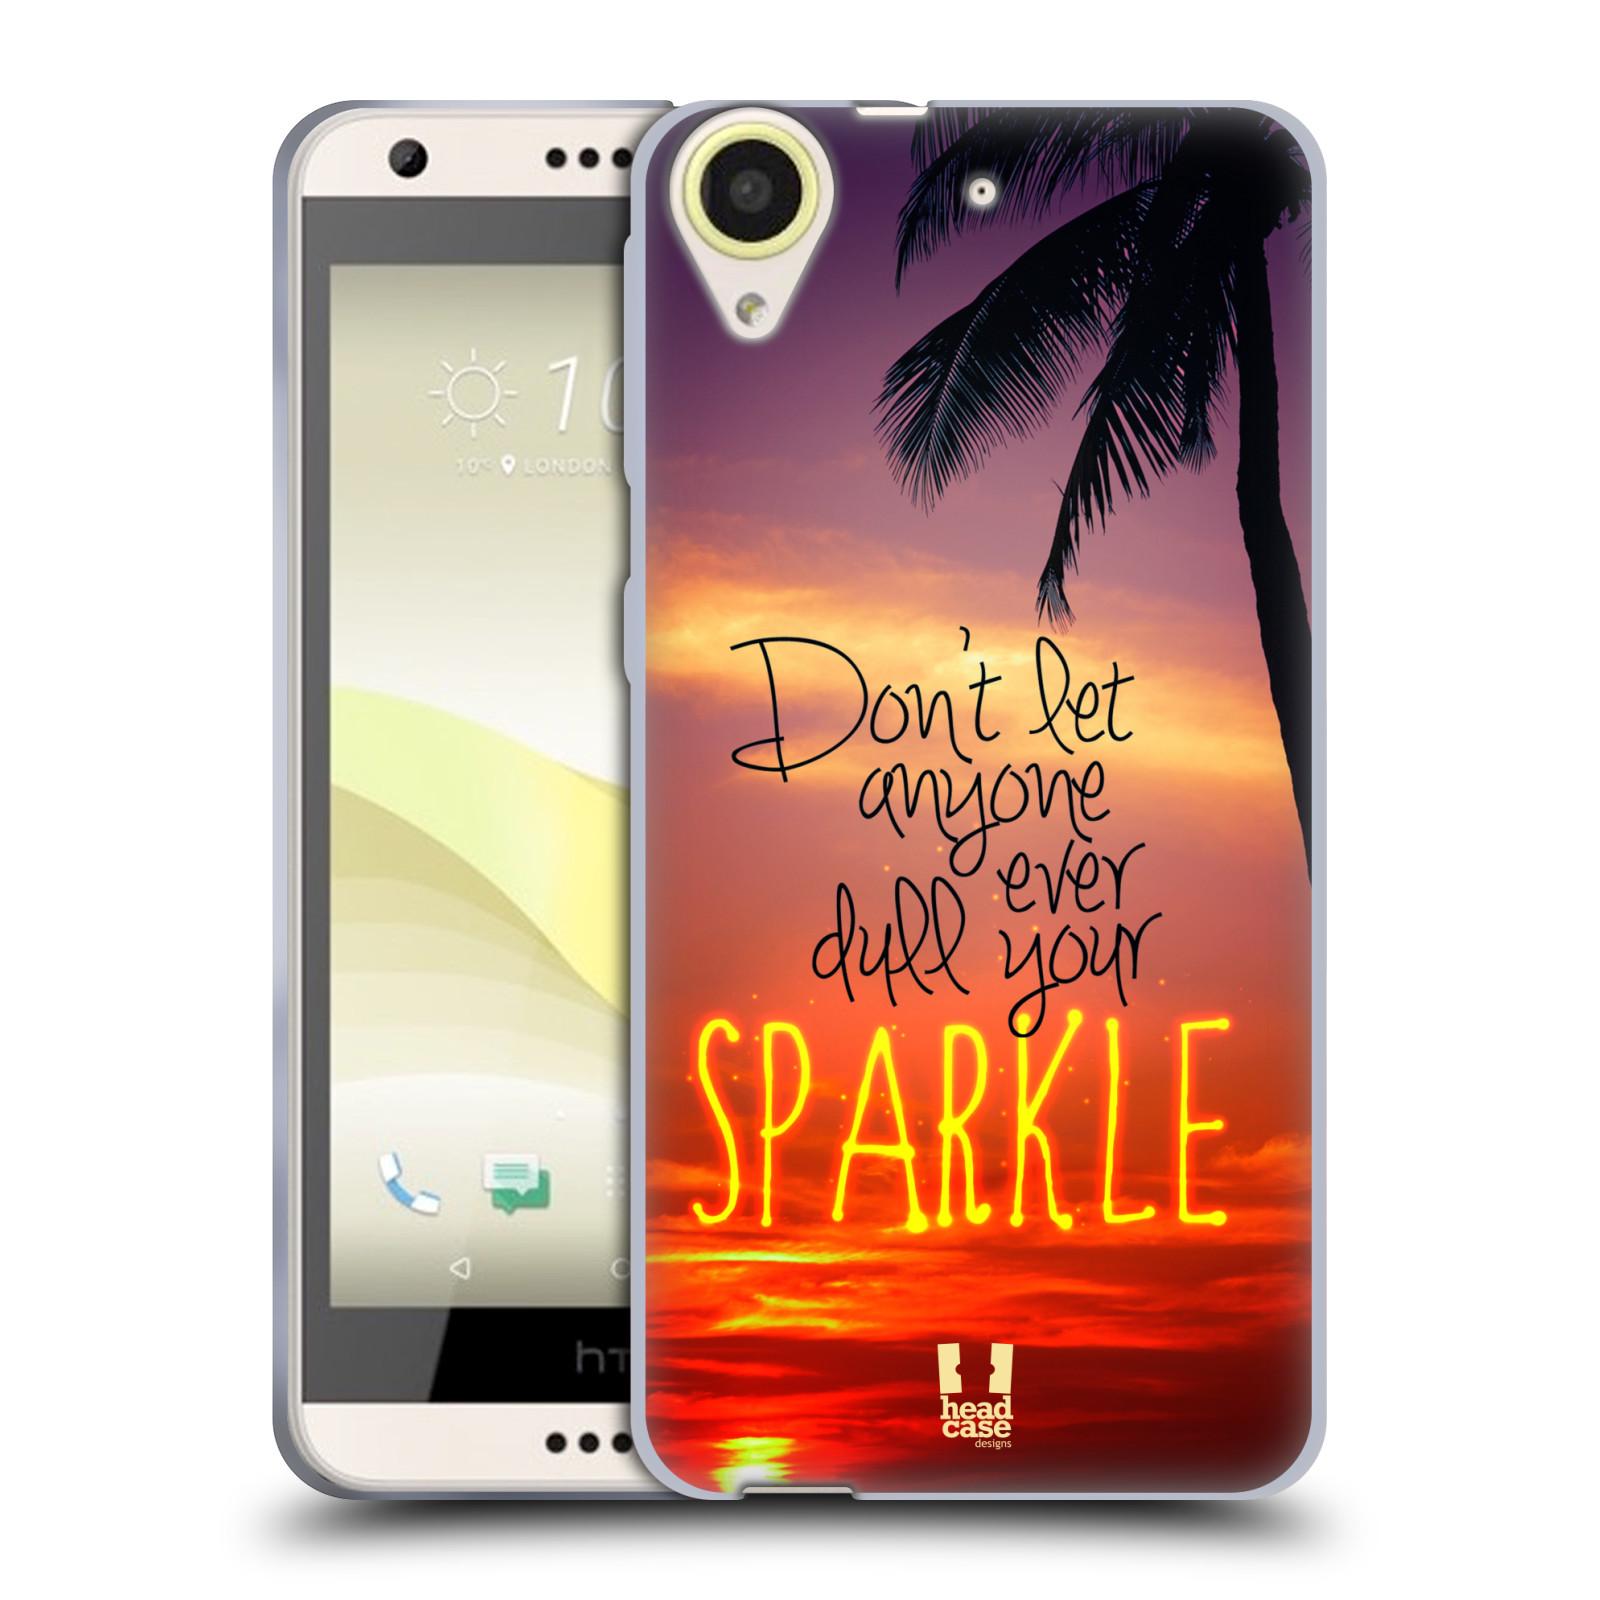 Silikonové pouzdro na mobil HTC Desire 650 HEAD CASE SPARKLE (Silikonový kryt či obal na mobilní telefon HTC Desire 650)